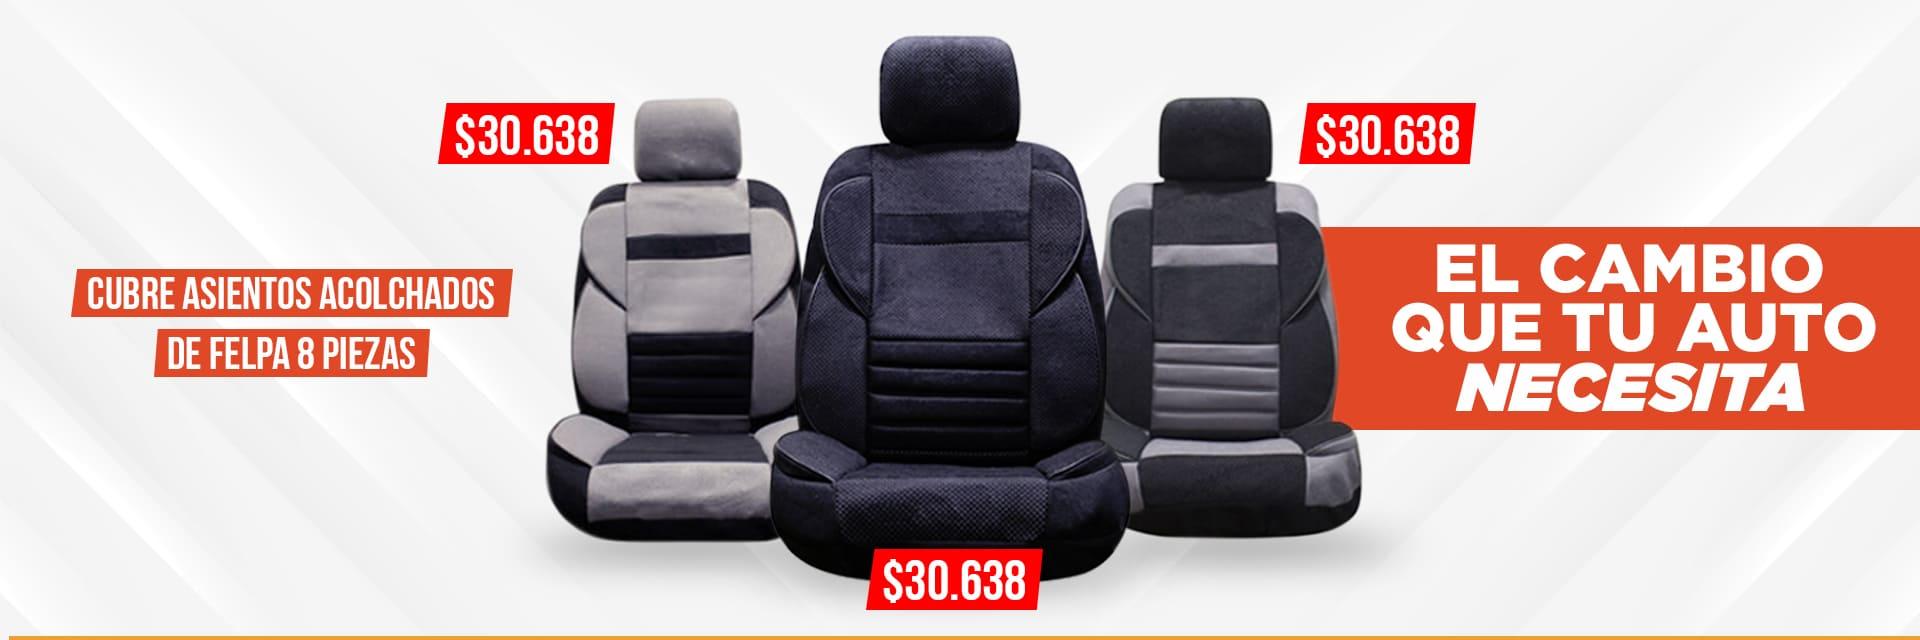 cubre asientos milanotmc